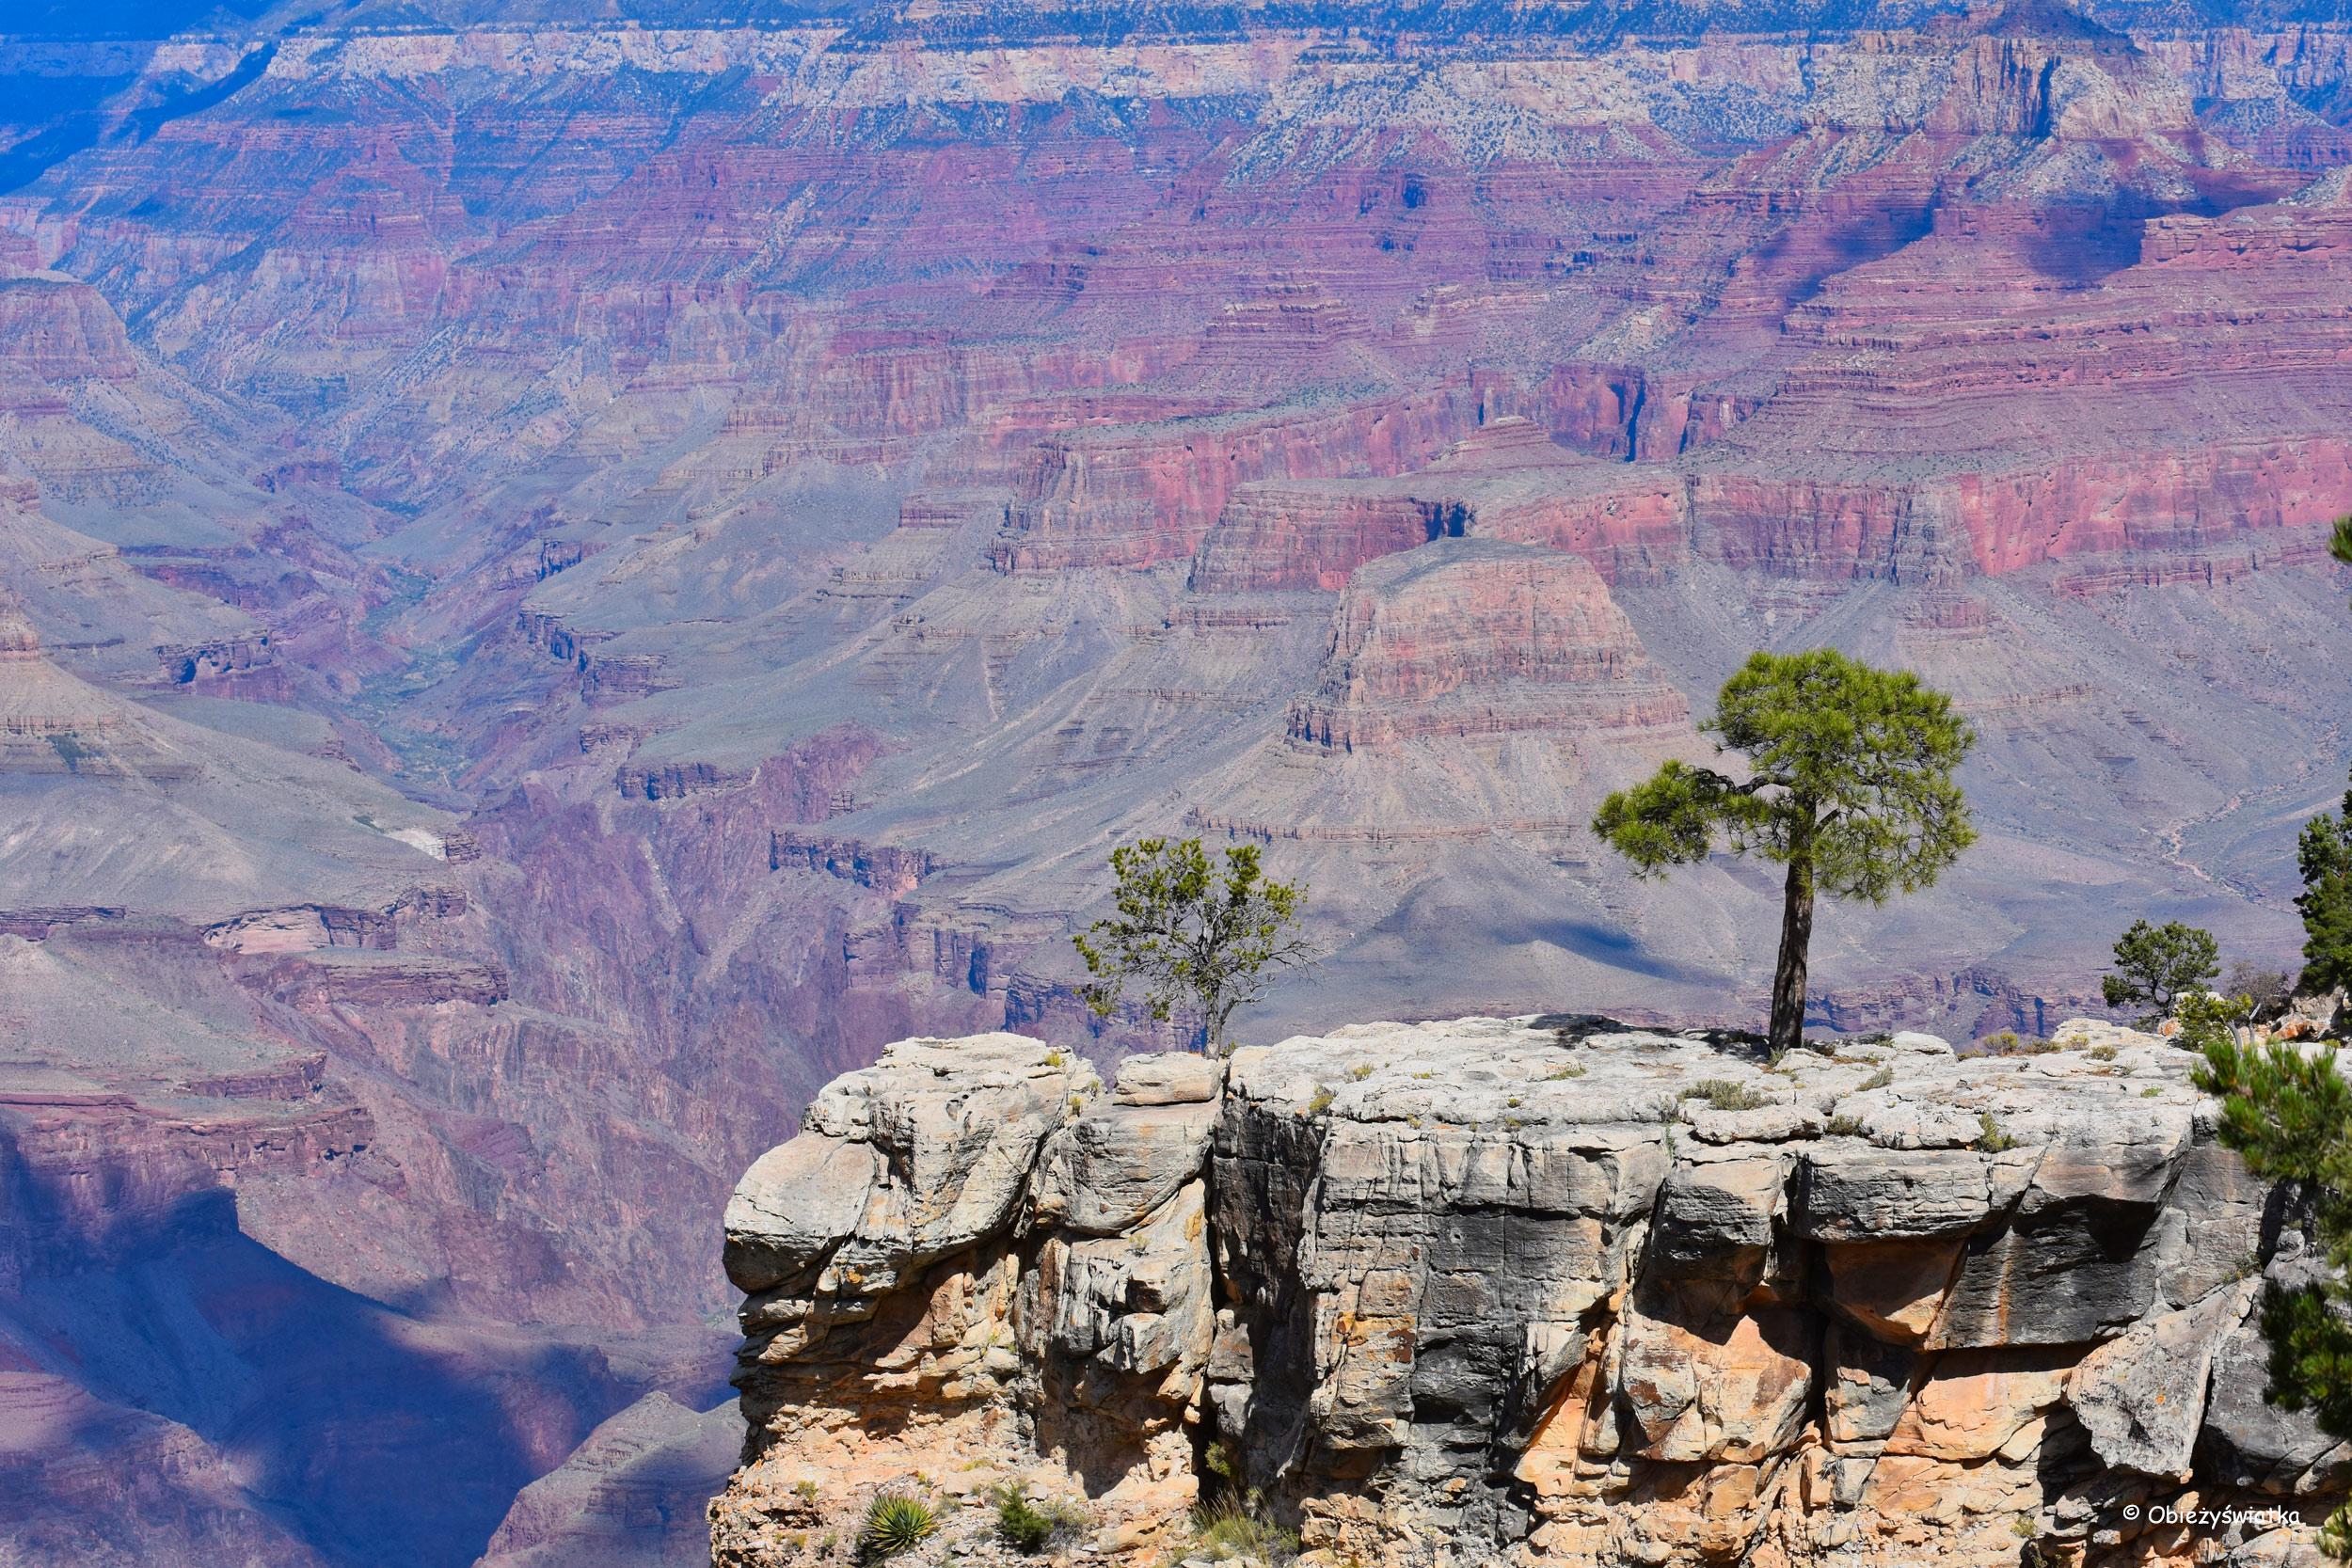 Nagie czerwone skały i samotne drzewka - Grand Canyon National Park, Arizona, USA